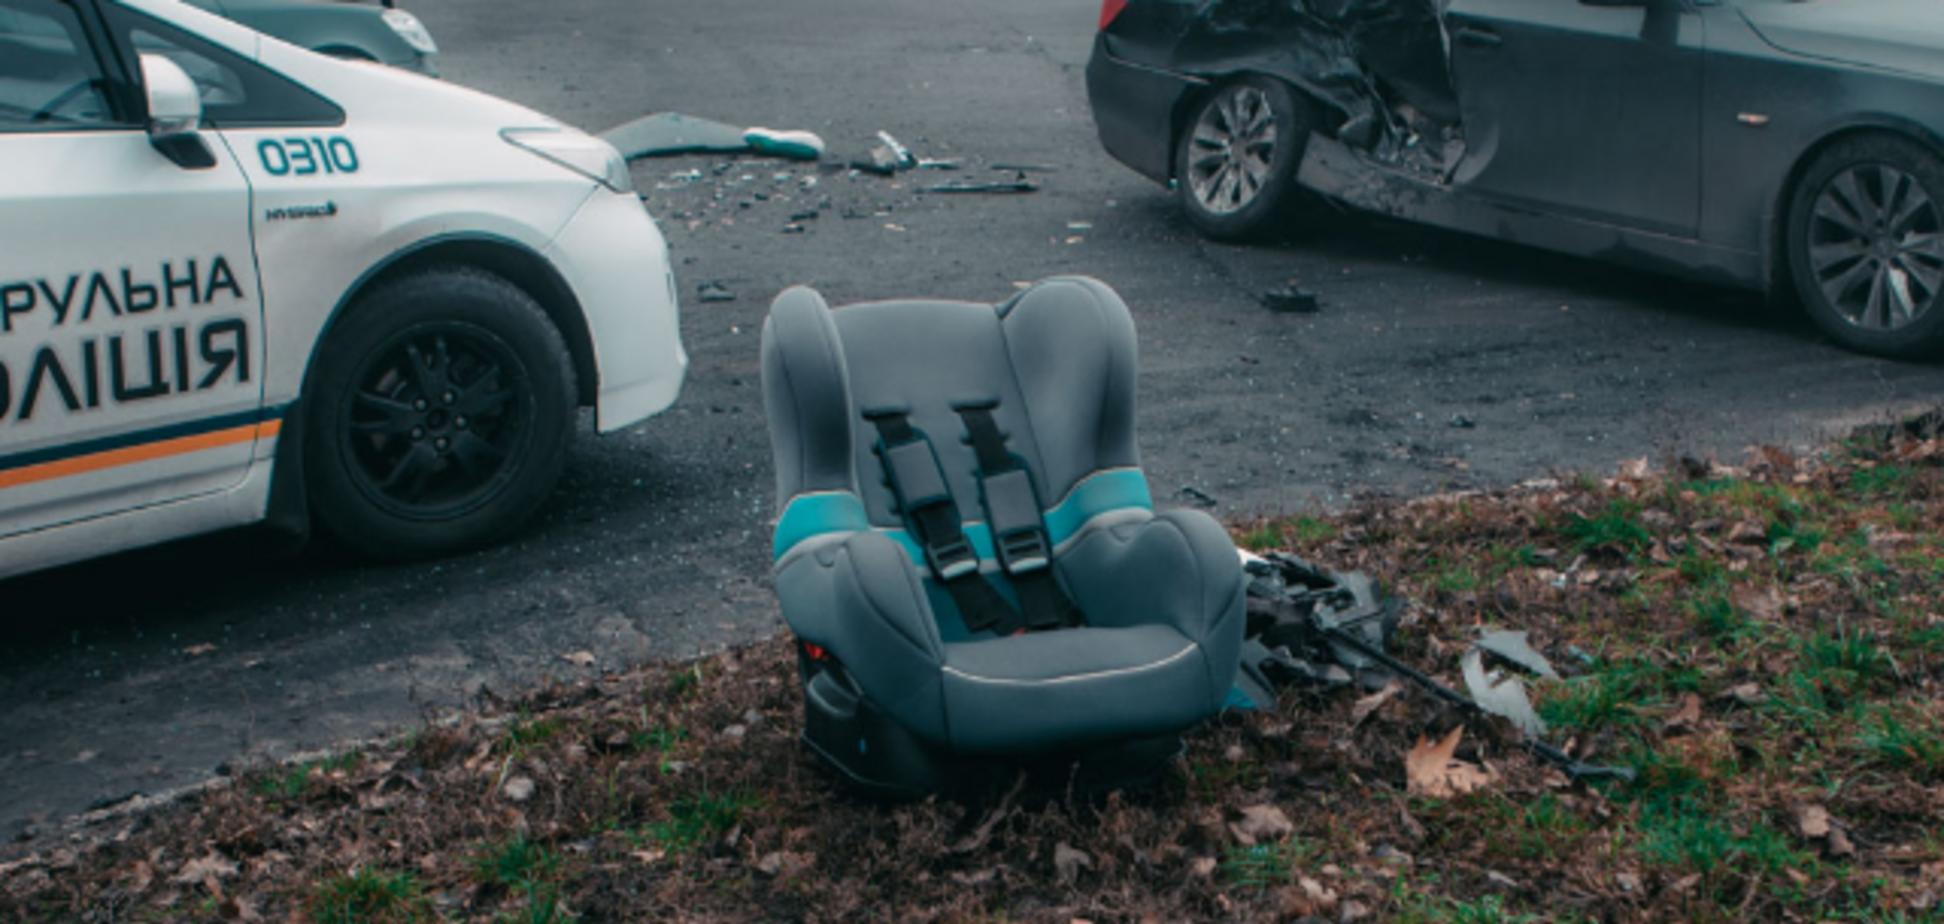 Детей спасли автокресла! В Днепре произошло жуткое ДТП. Фото